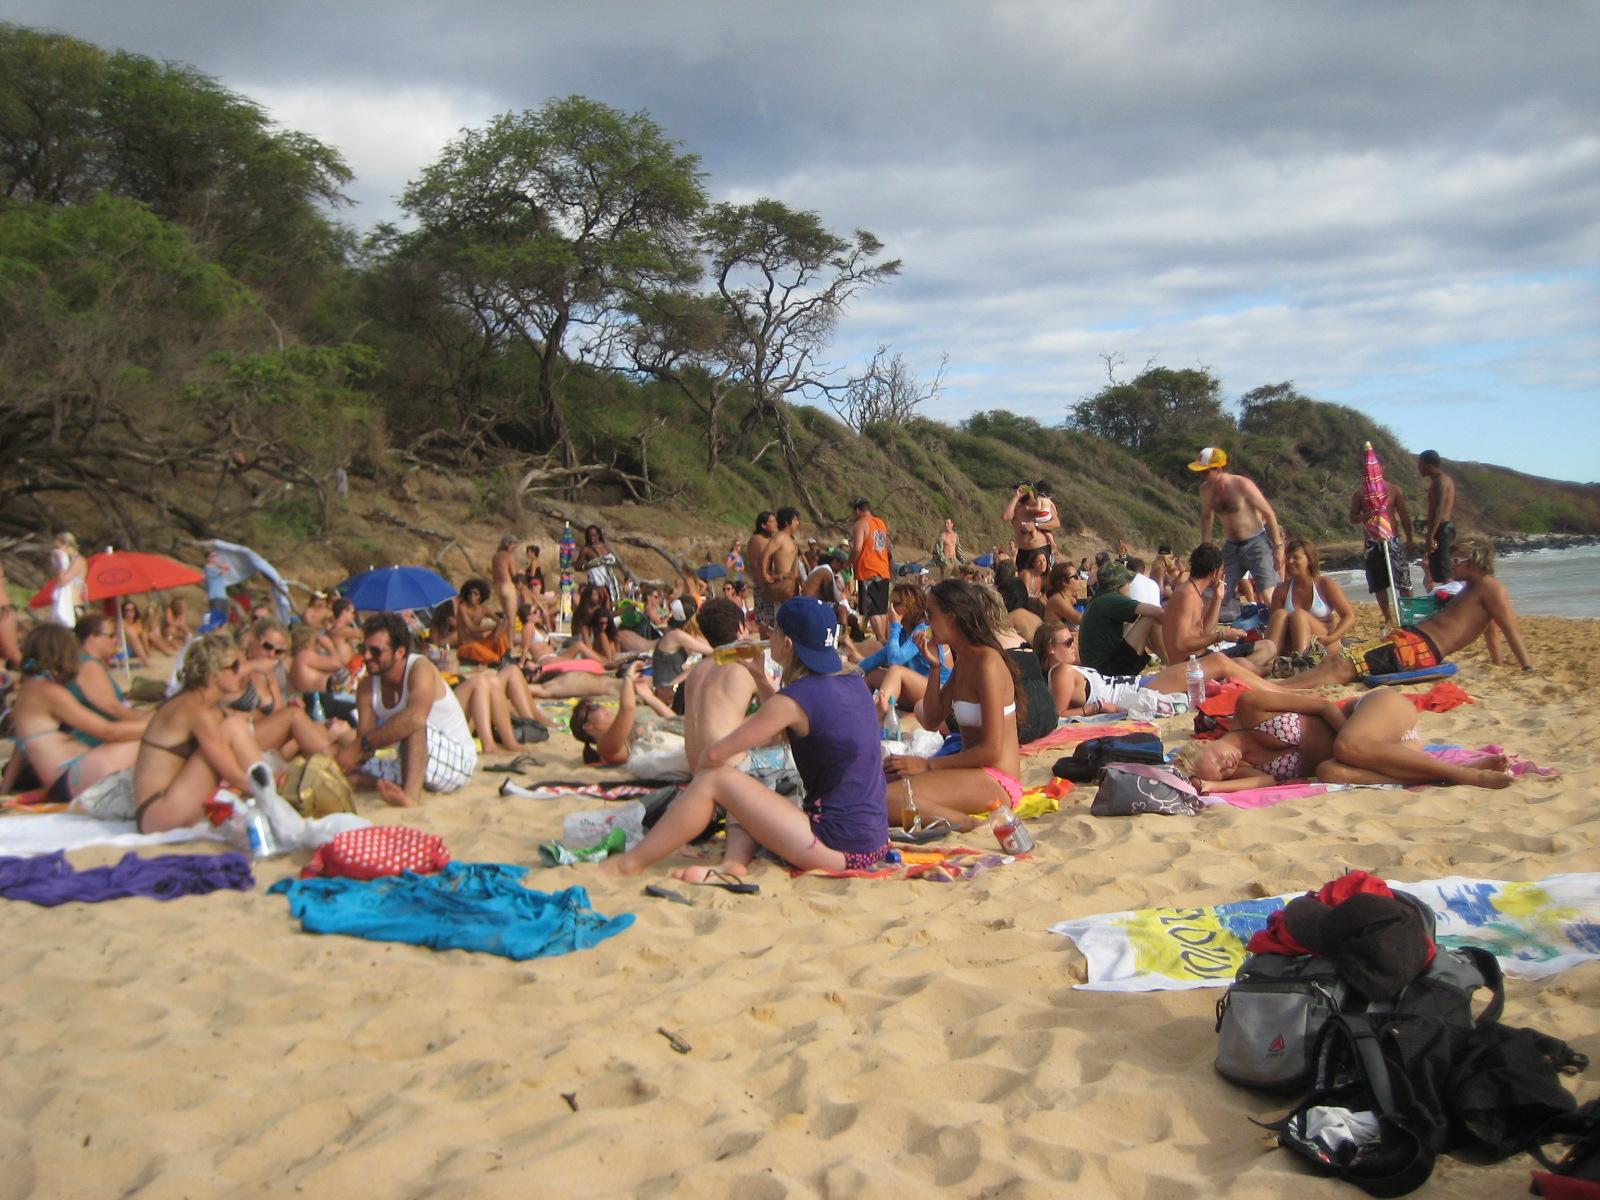 Have Beach in nude oahu assured